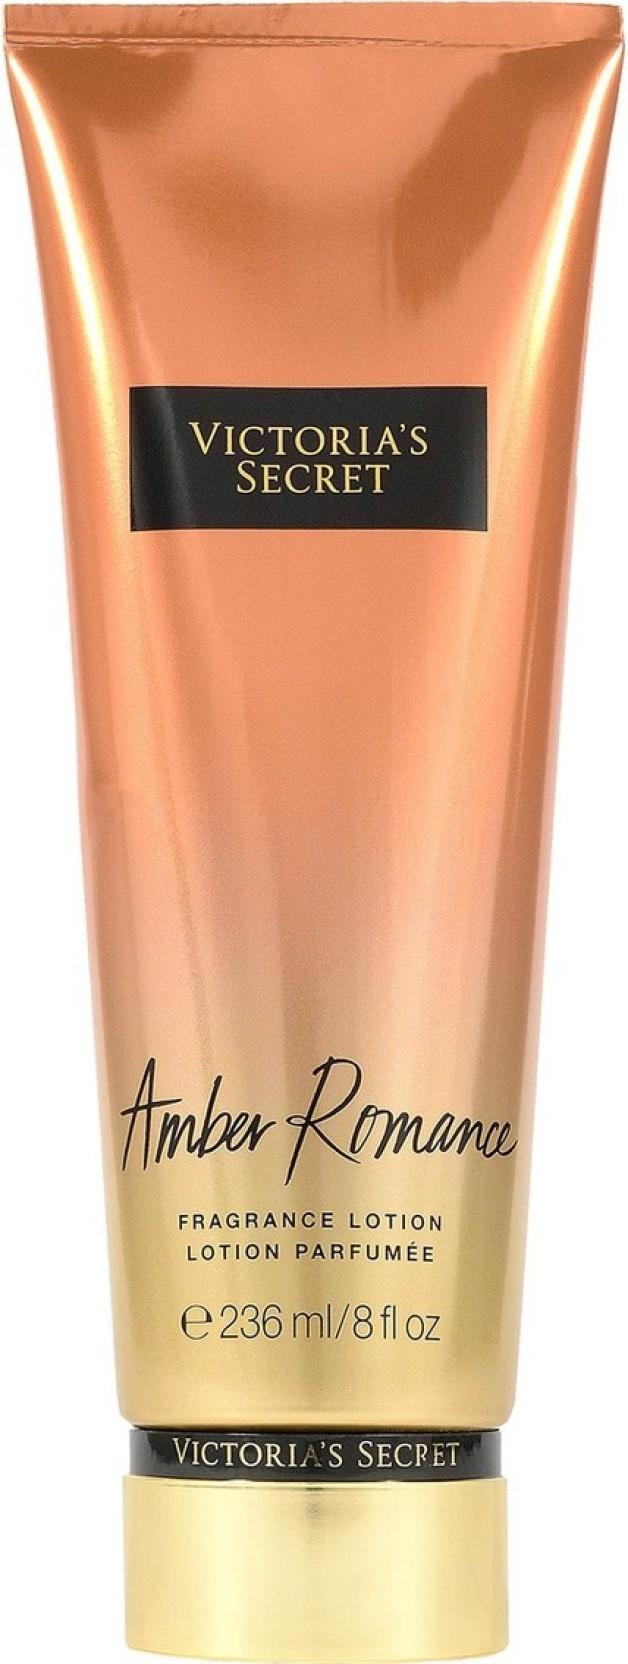 9272aeccdc1 Victoria s Secret Amber Romance Fragrance Body Lotion - Price in ...